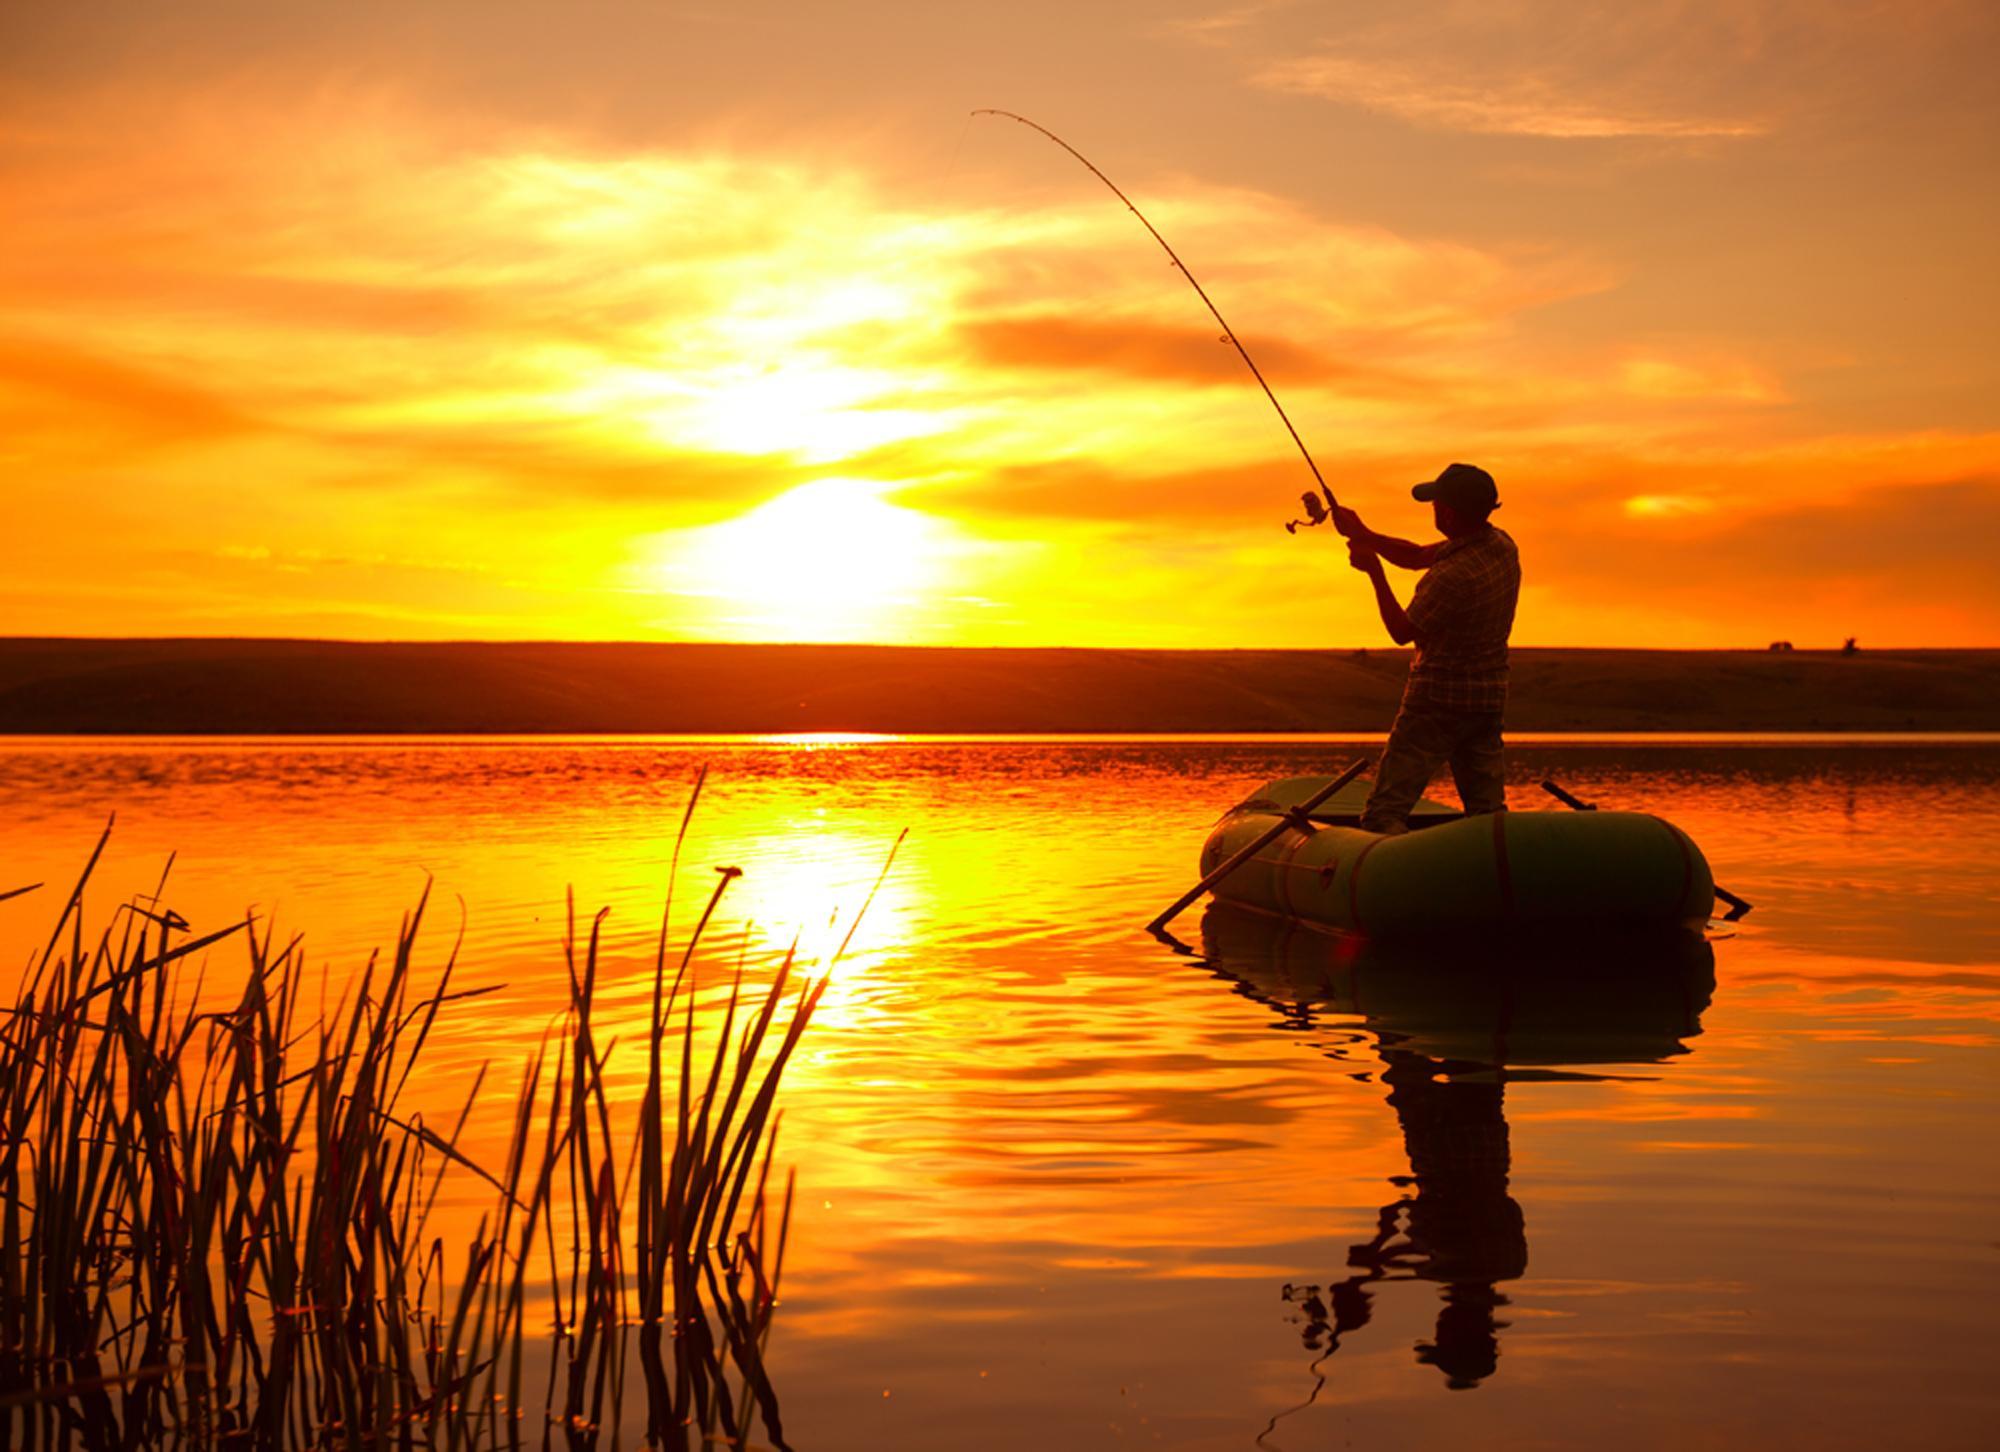 Рыбак лодке картинки